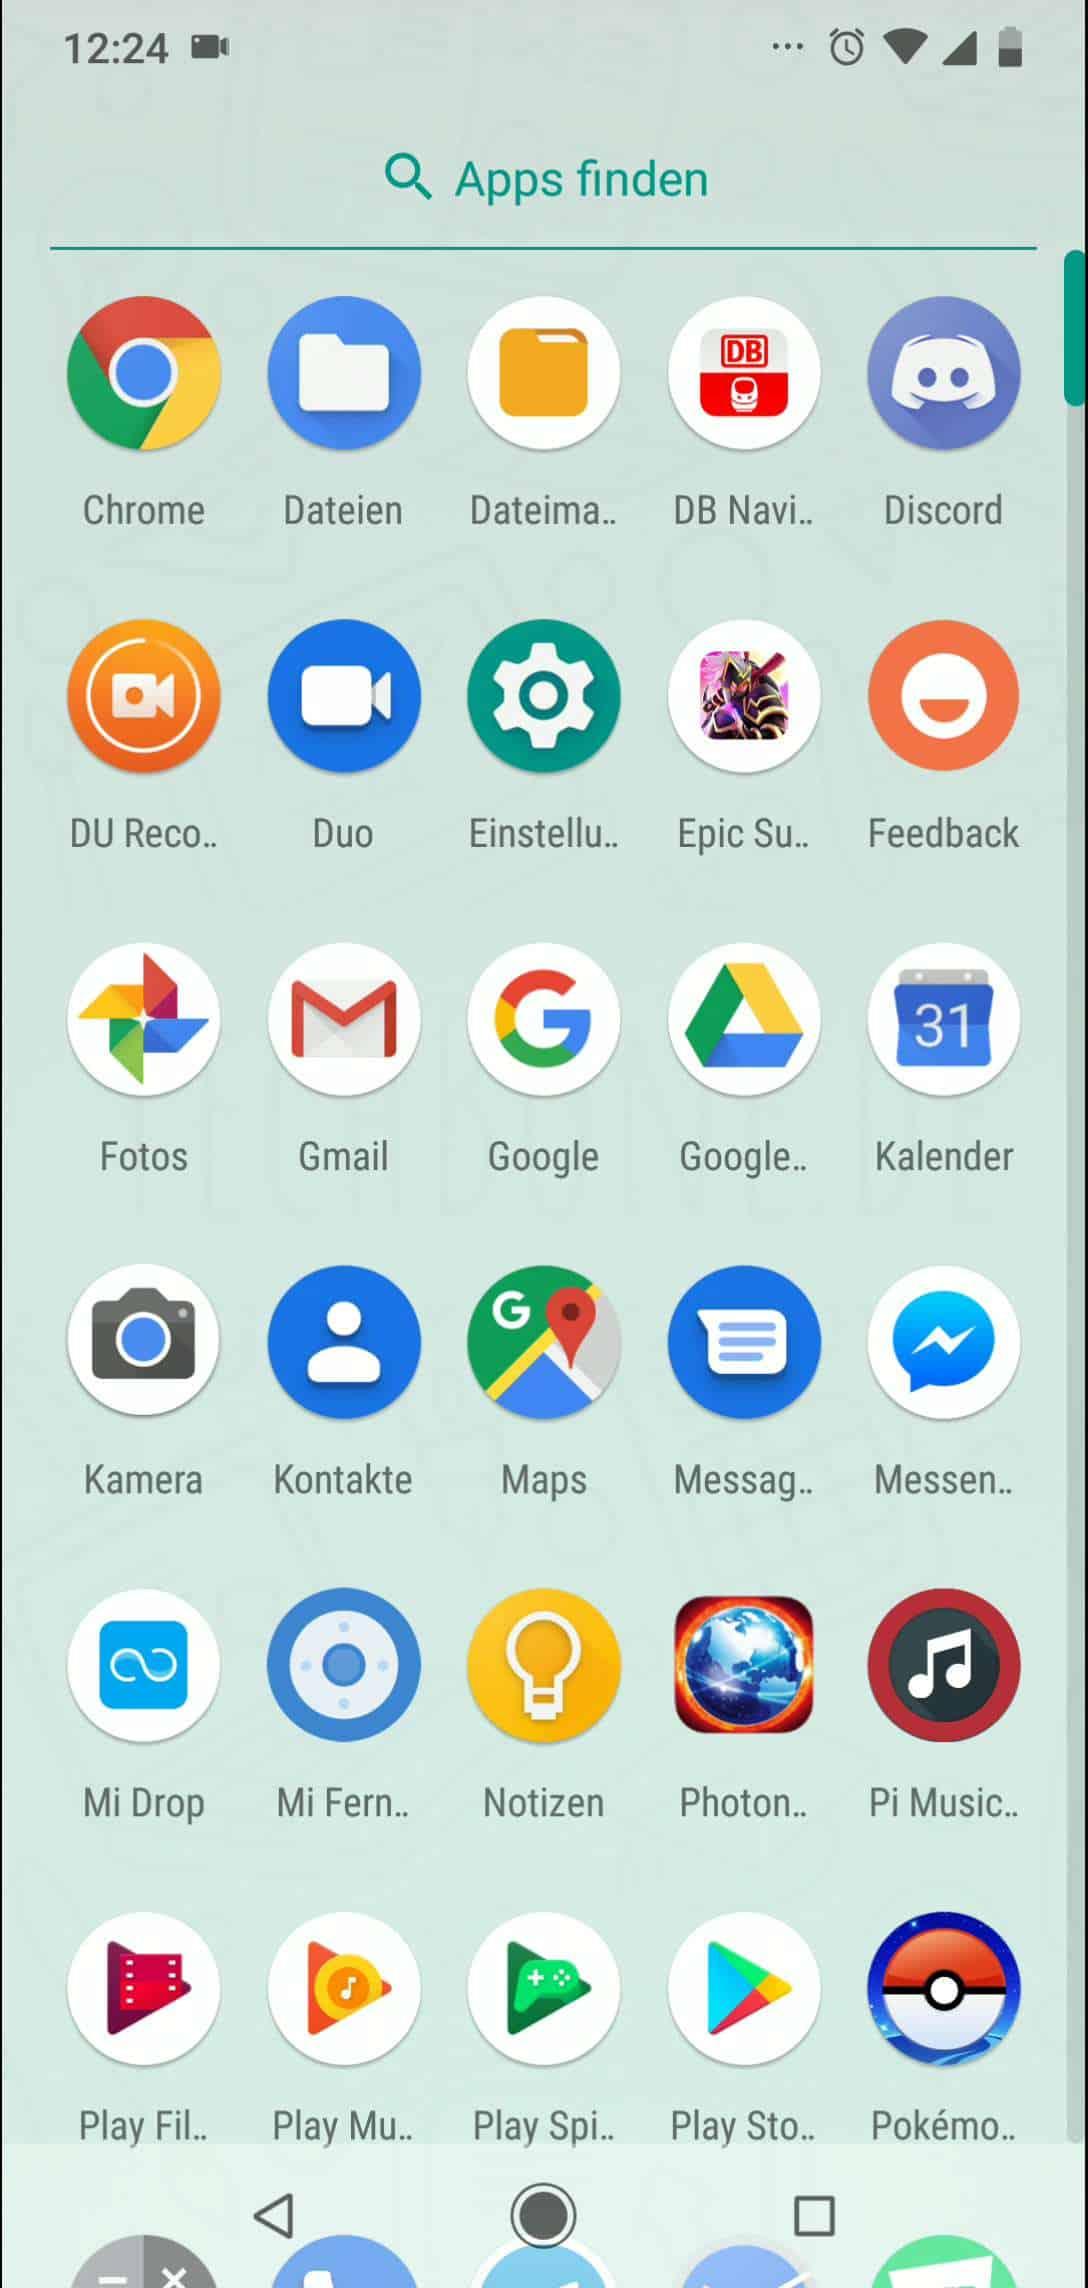 Schritt 2: Tippe und halte die App, deren Verknüpfung auf den Startbildschirm soll